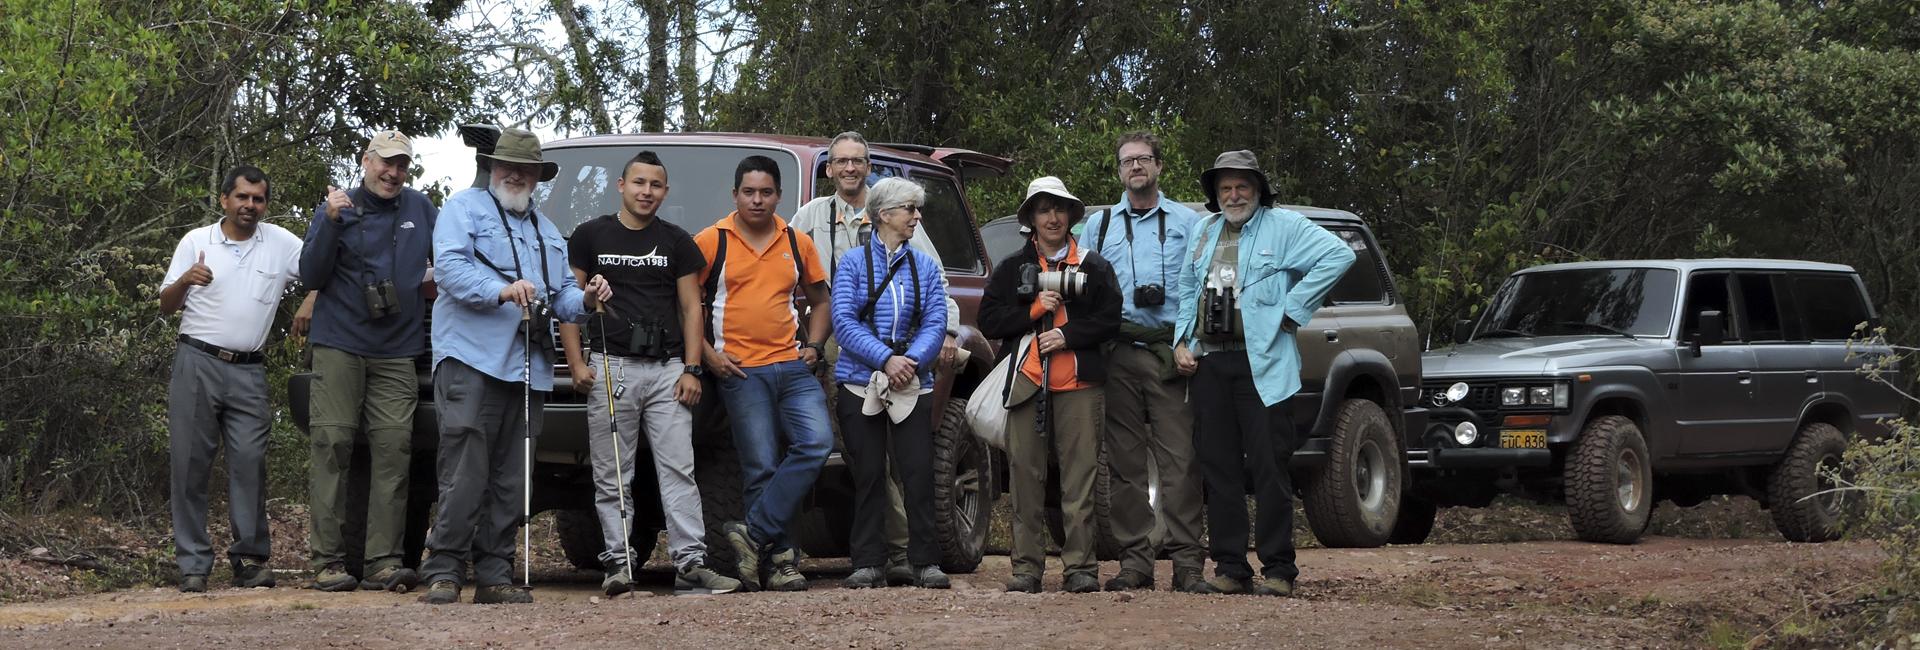 Birding in Perija National Park